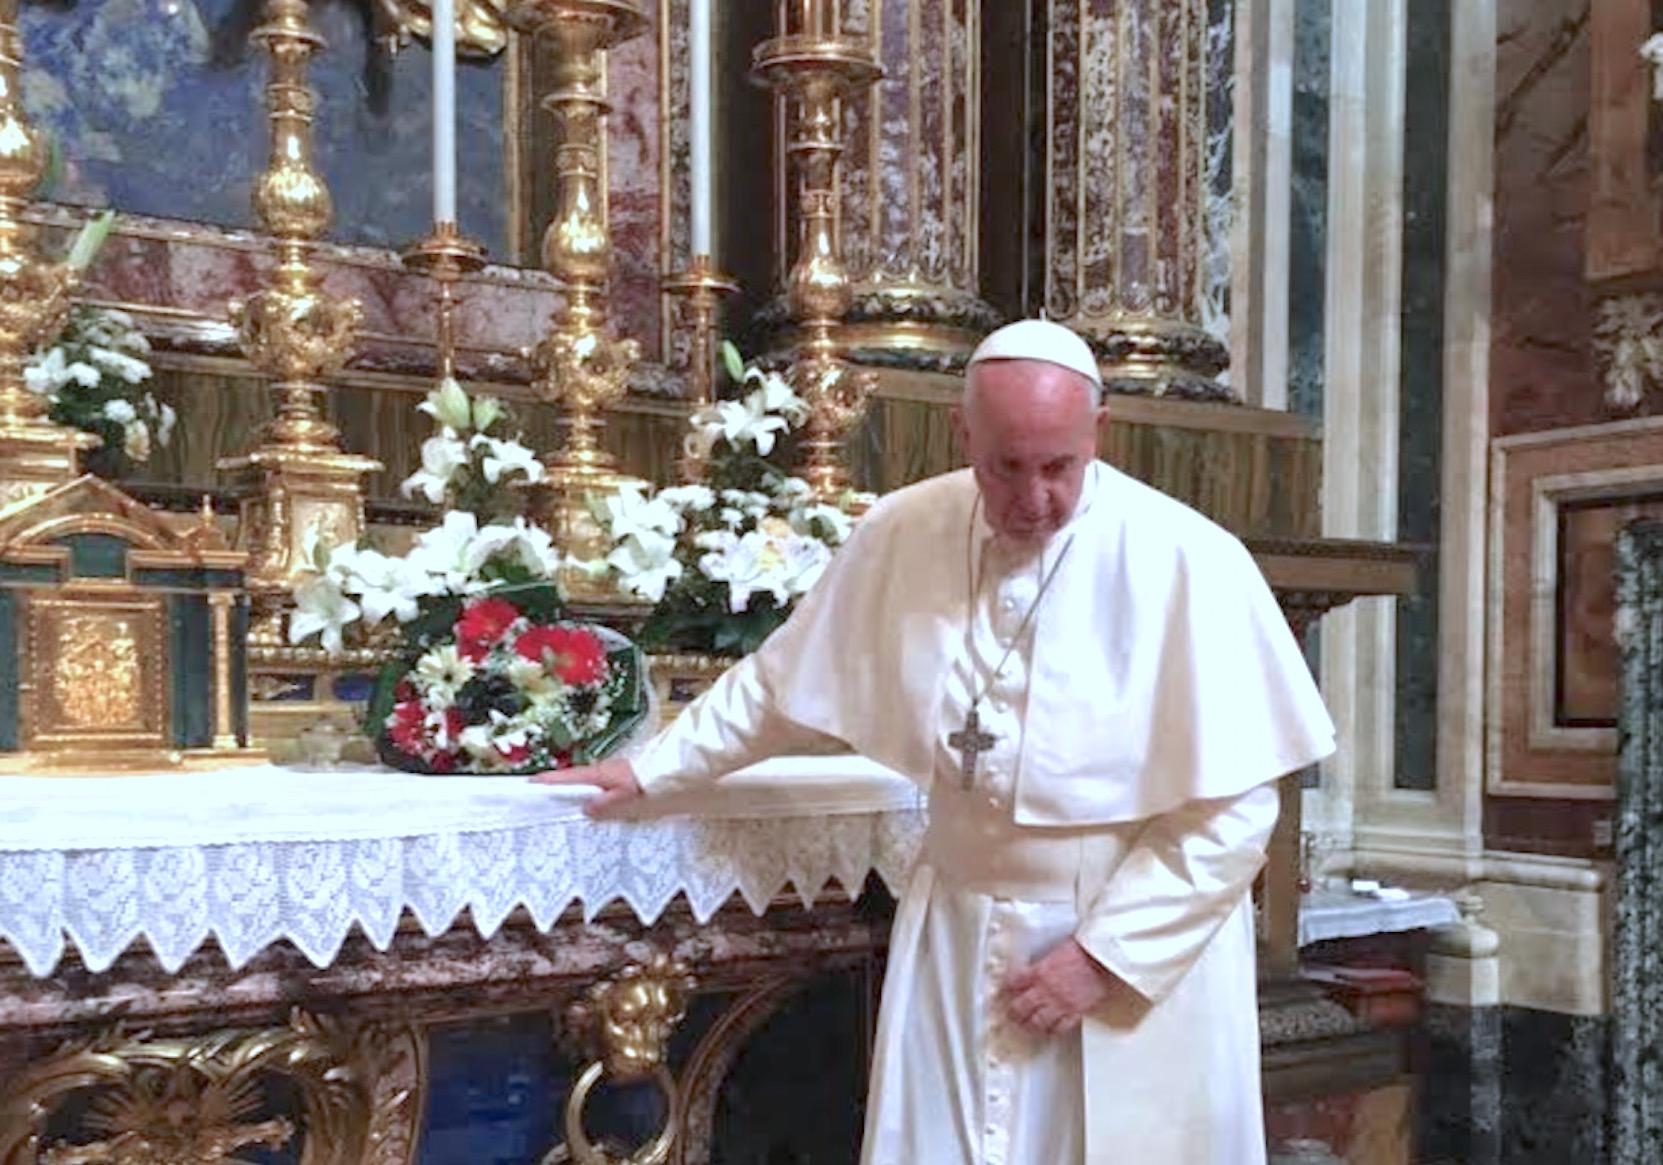 En el altar de Maria Salus Populi Romani, después de rezar y dejar un ramo de flores. (Foto archivo)